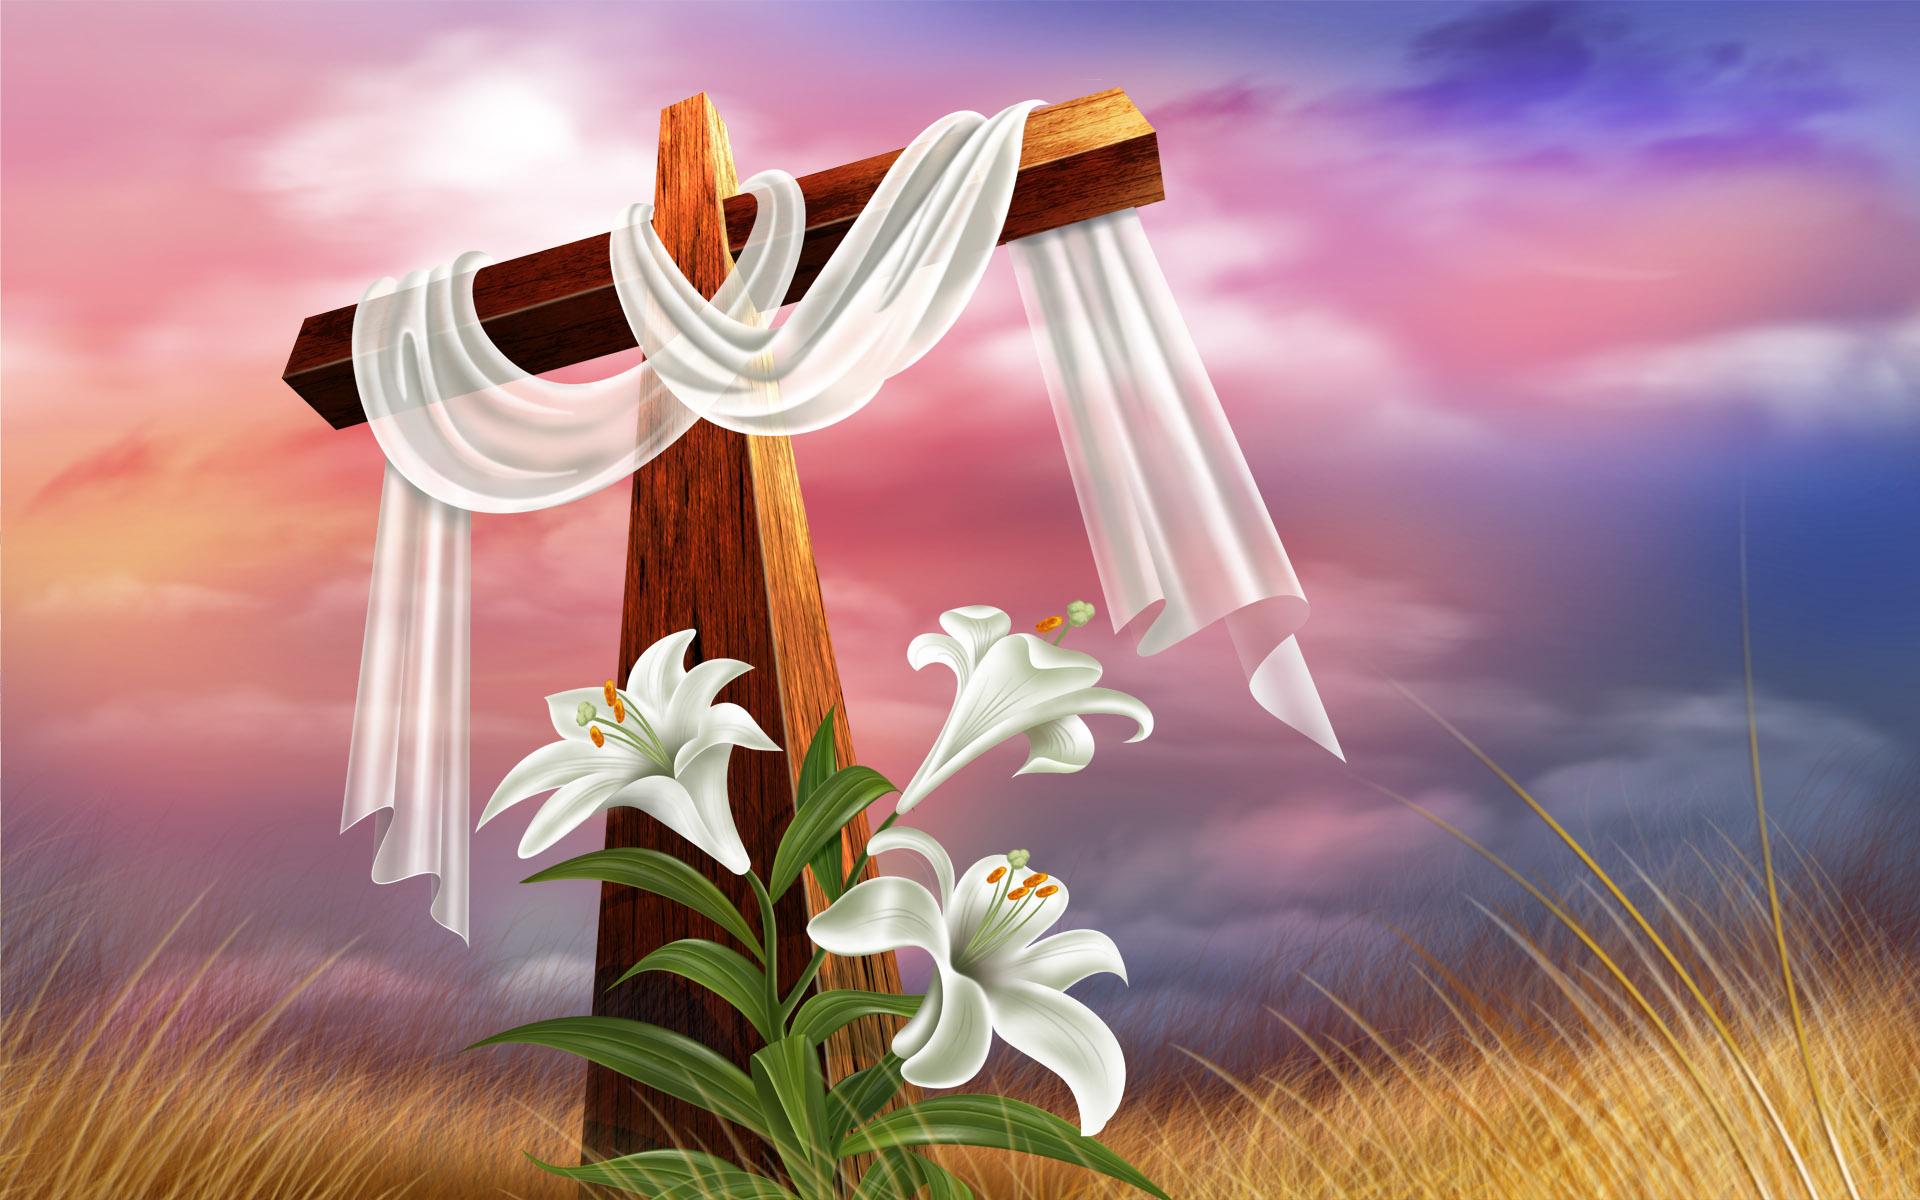 Христианская открытка с праздником пасхи, доброе утро